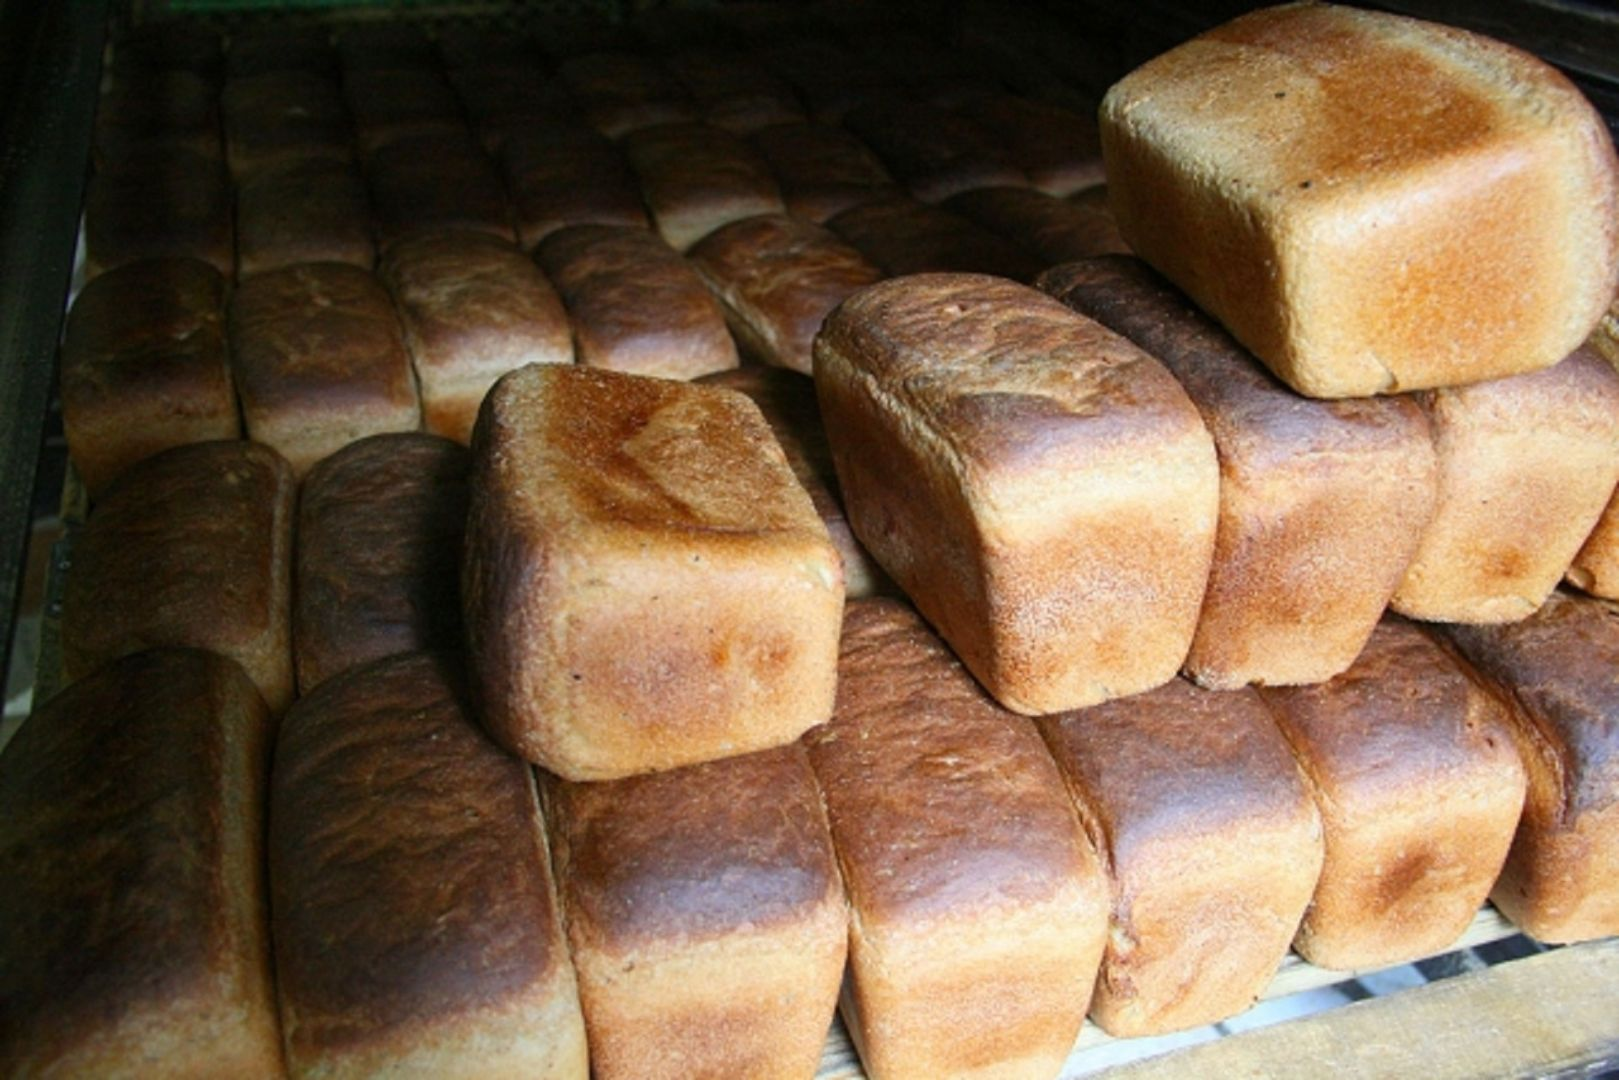 Пекарни в Арзгирском районе наказали за нарушение санитарных норм